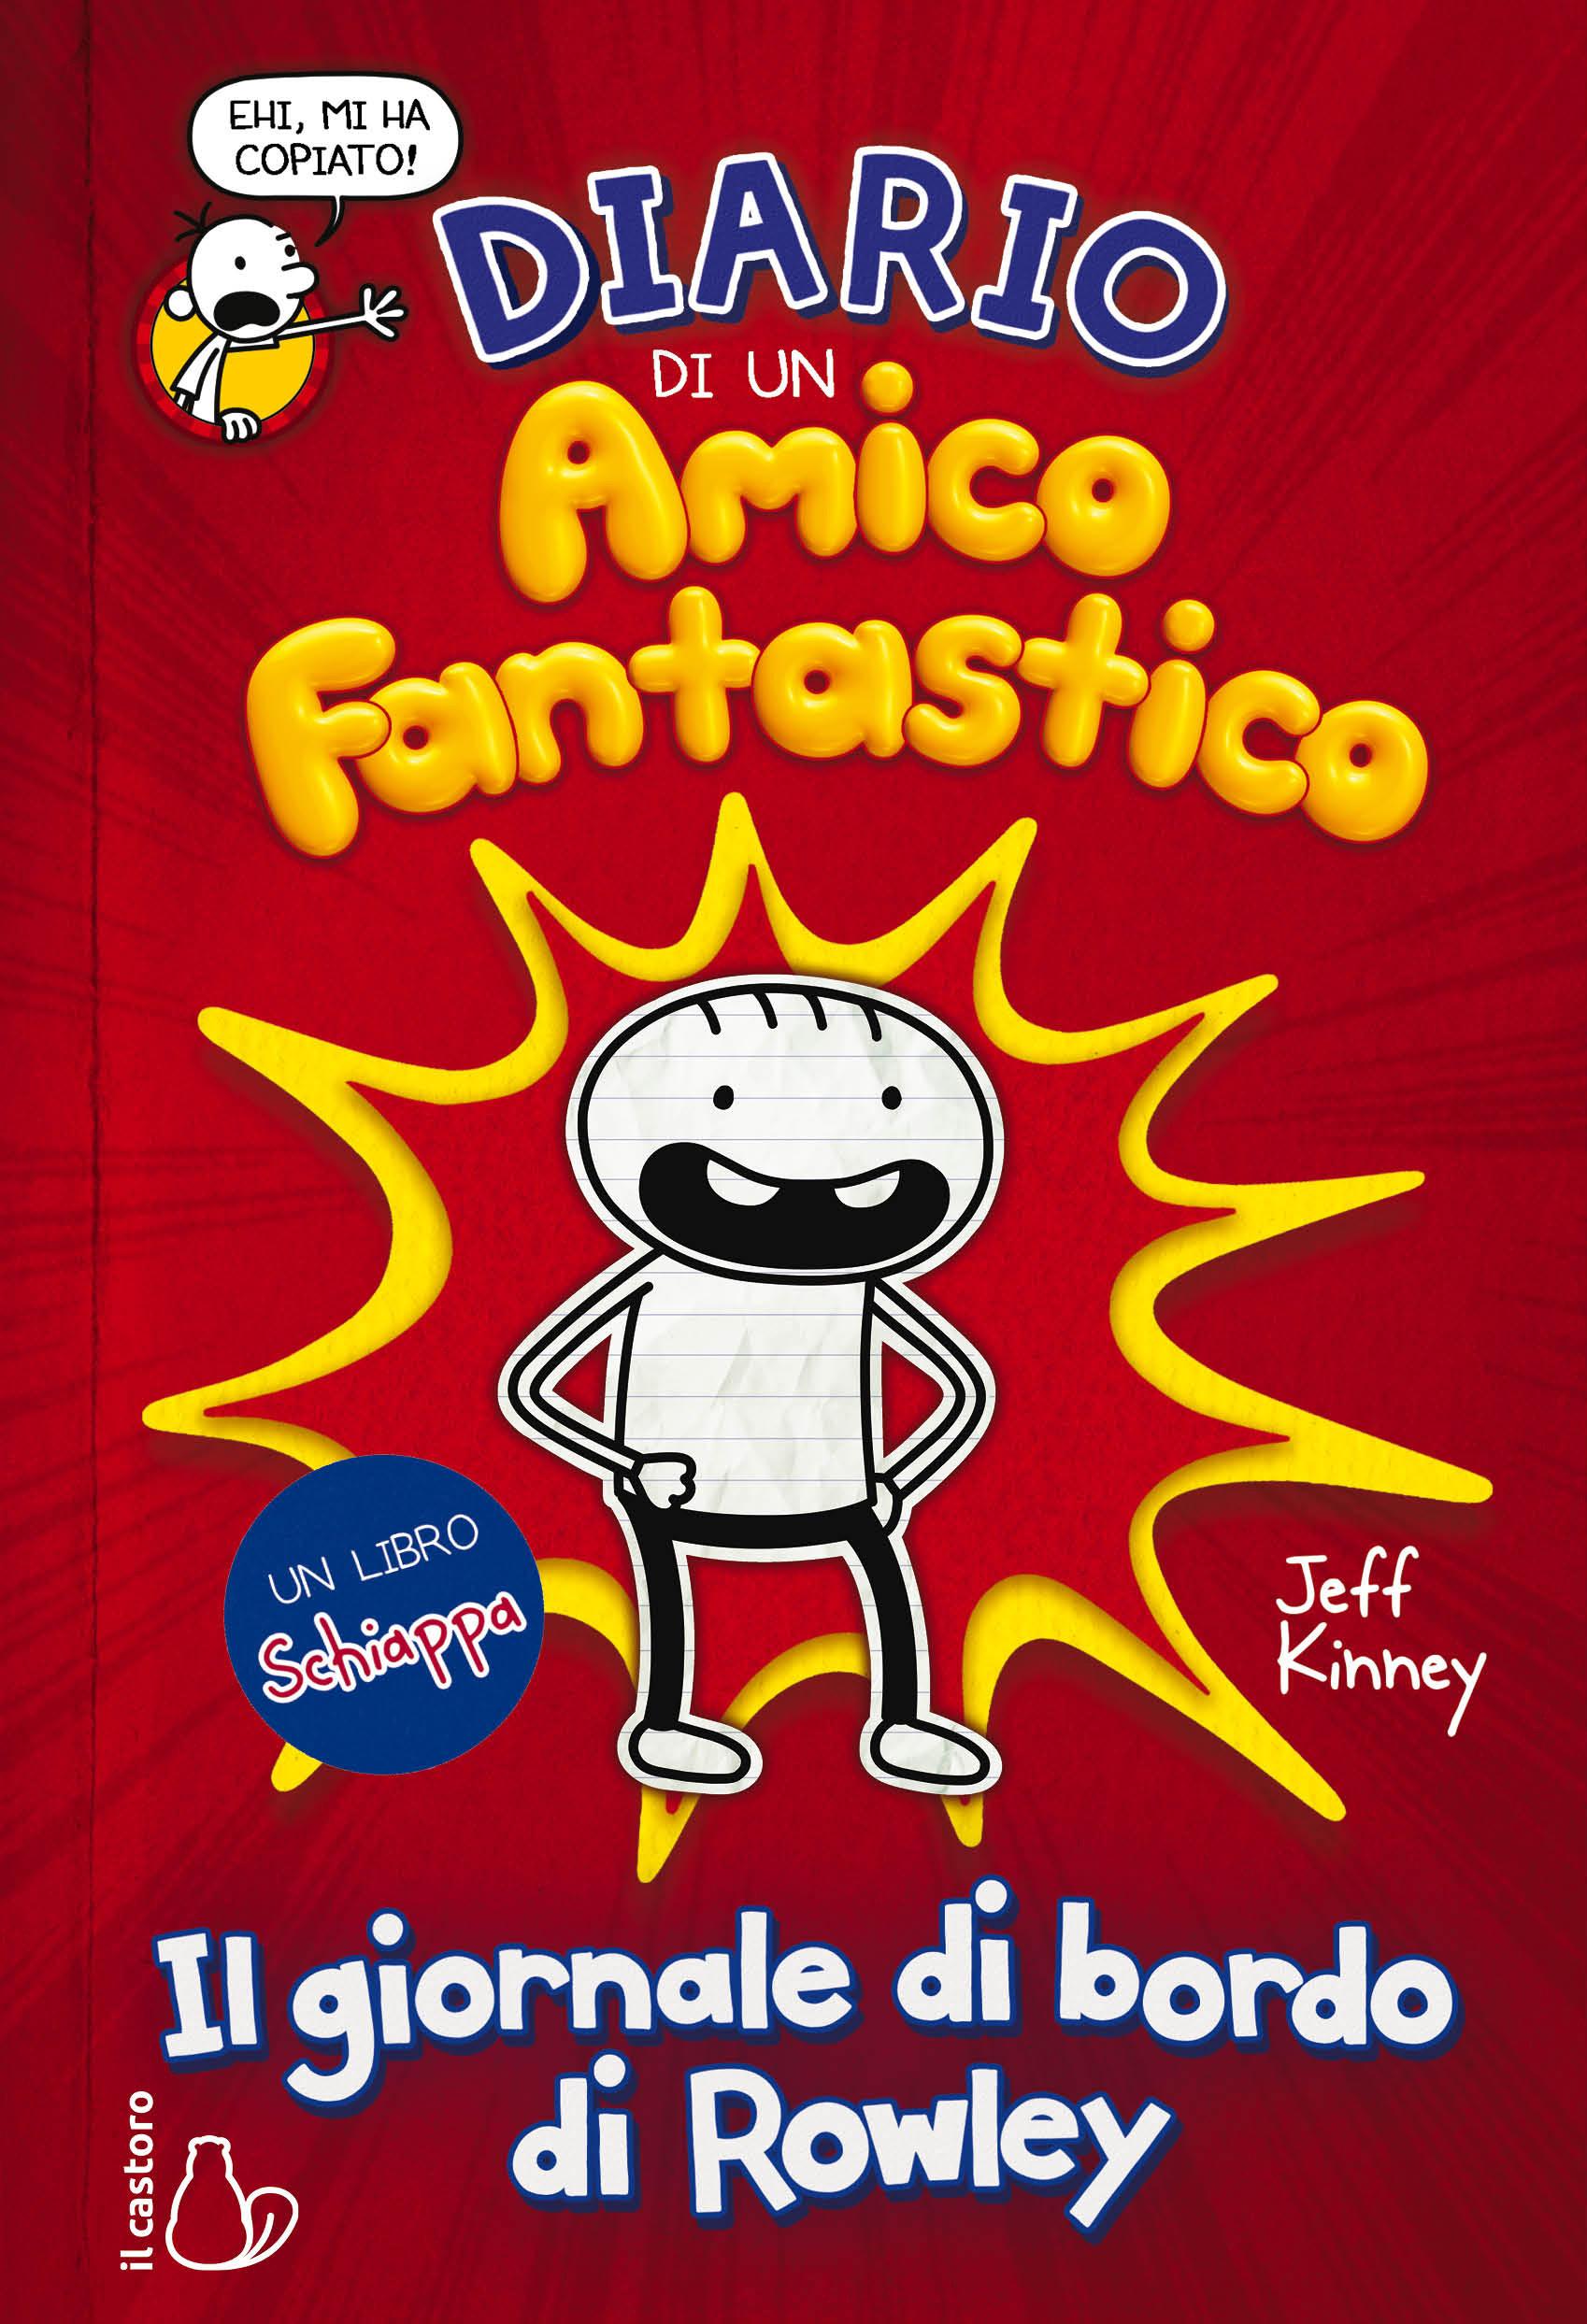 Diario di un Amico Fantastico: il nuovo libro di Jeff Kinney arriva in Italia thumbnail